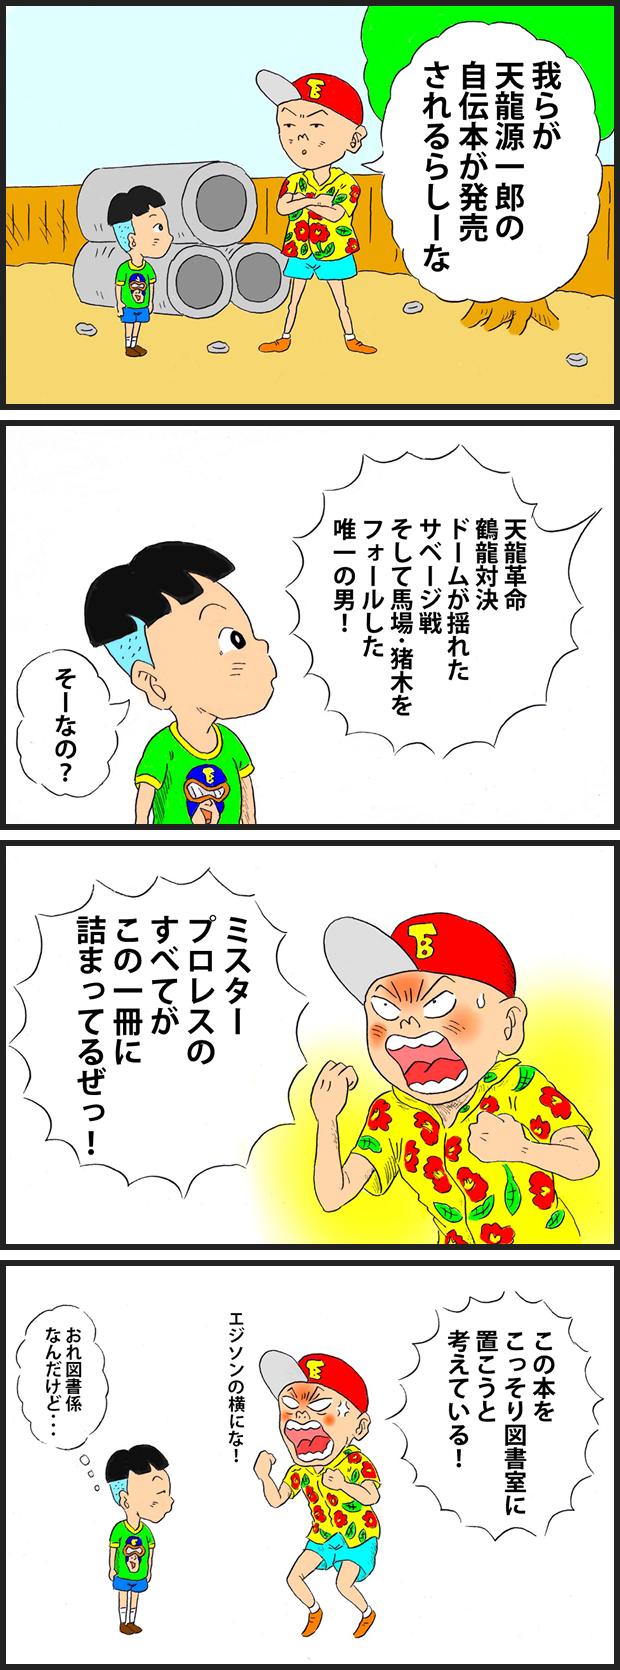 201 天龍源一郎自伝